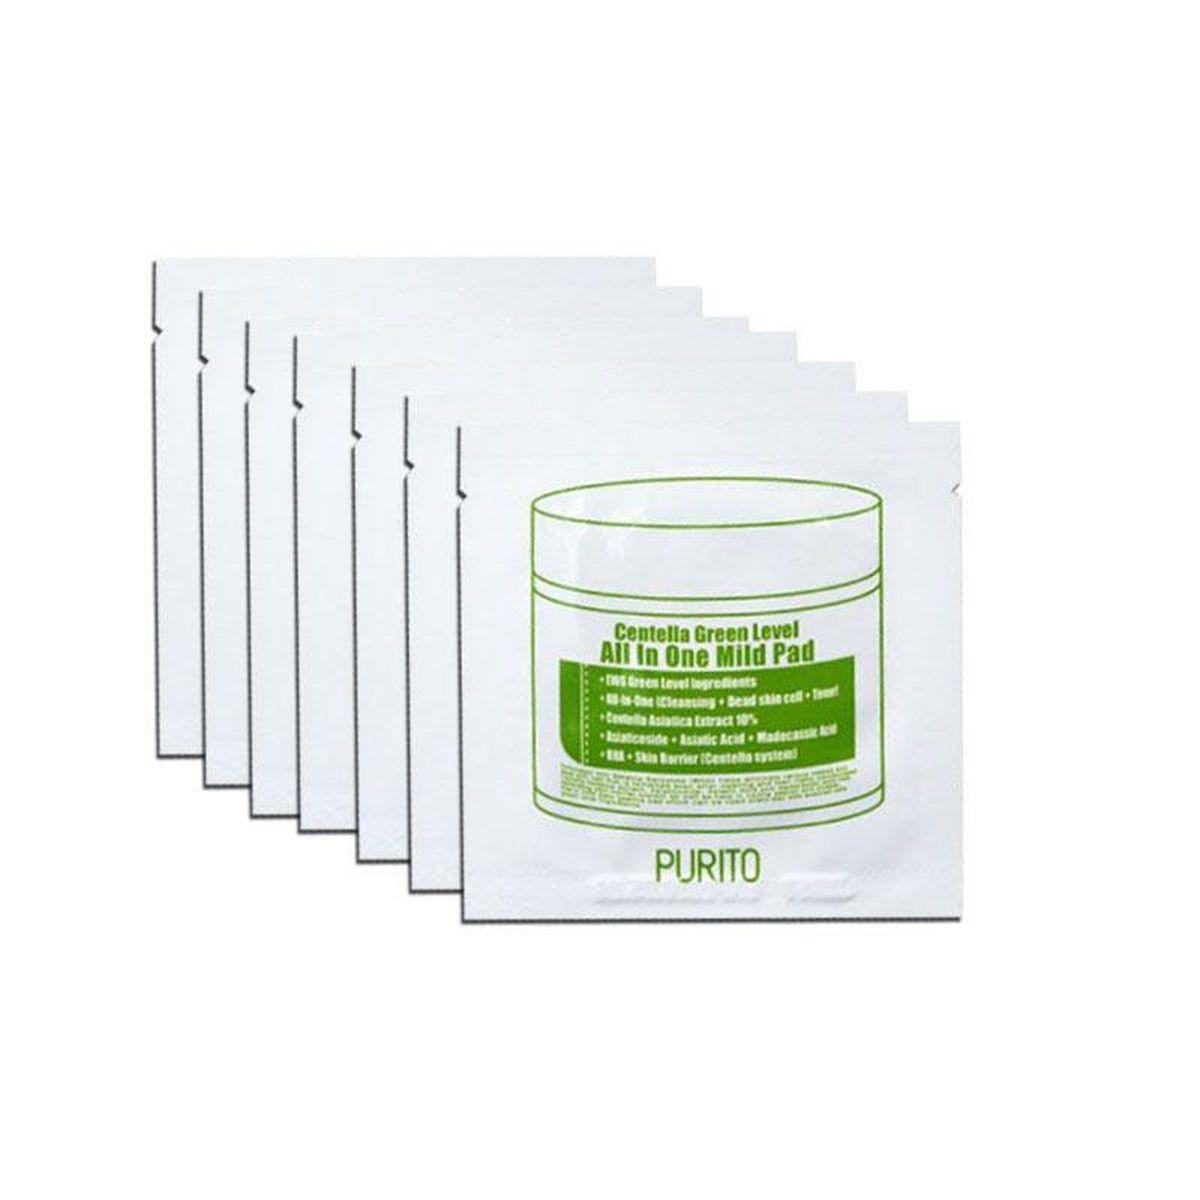 Очищающие увлажняющие пэды с центеллой PURITO Centella Green Level All In One Mild Pad  - 1 шт